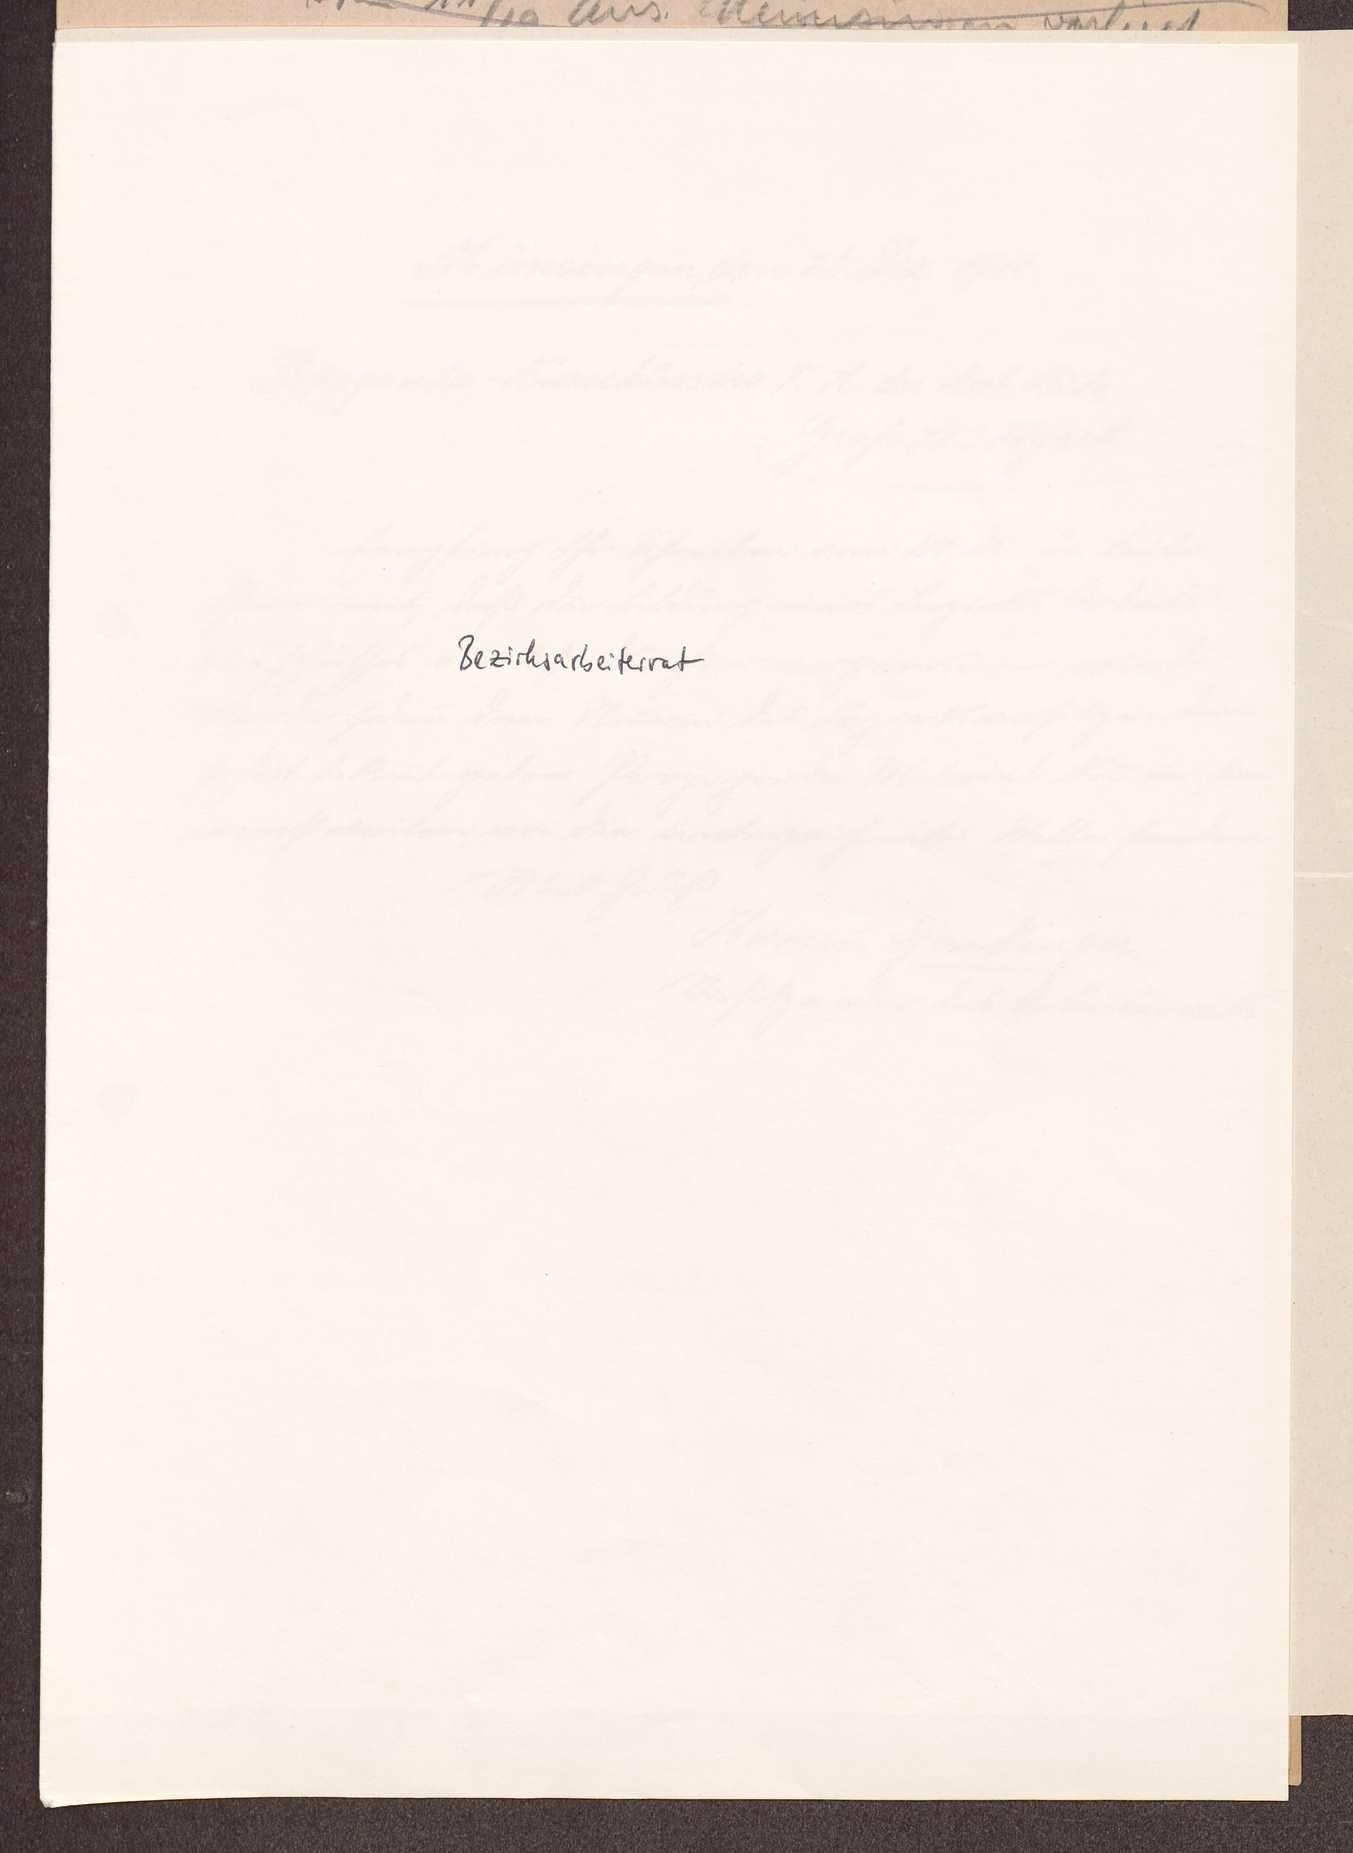 Wahl, Zusammensetzung und Auflösung der Arbeiter- und Bauernräte im Oberamt Münsingen, Bild 1